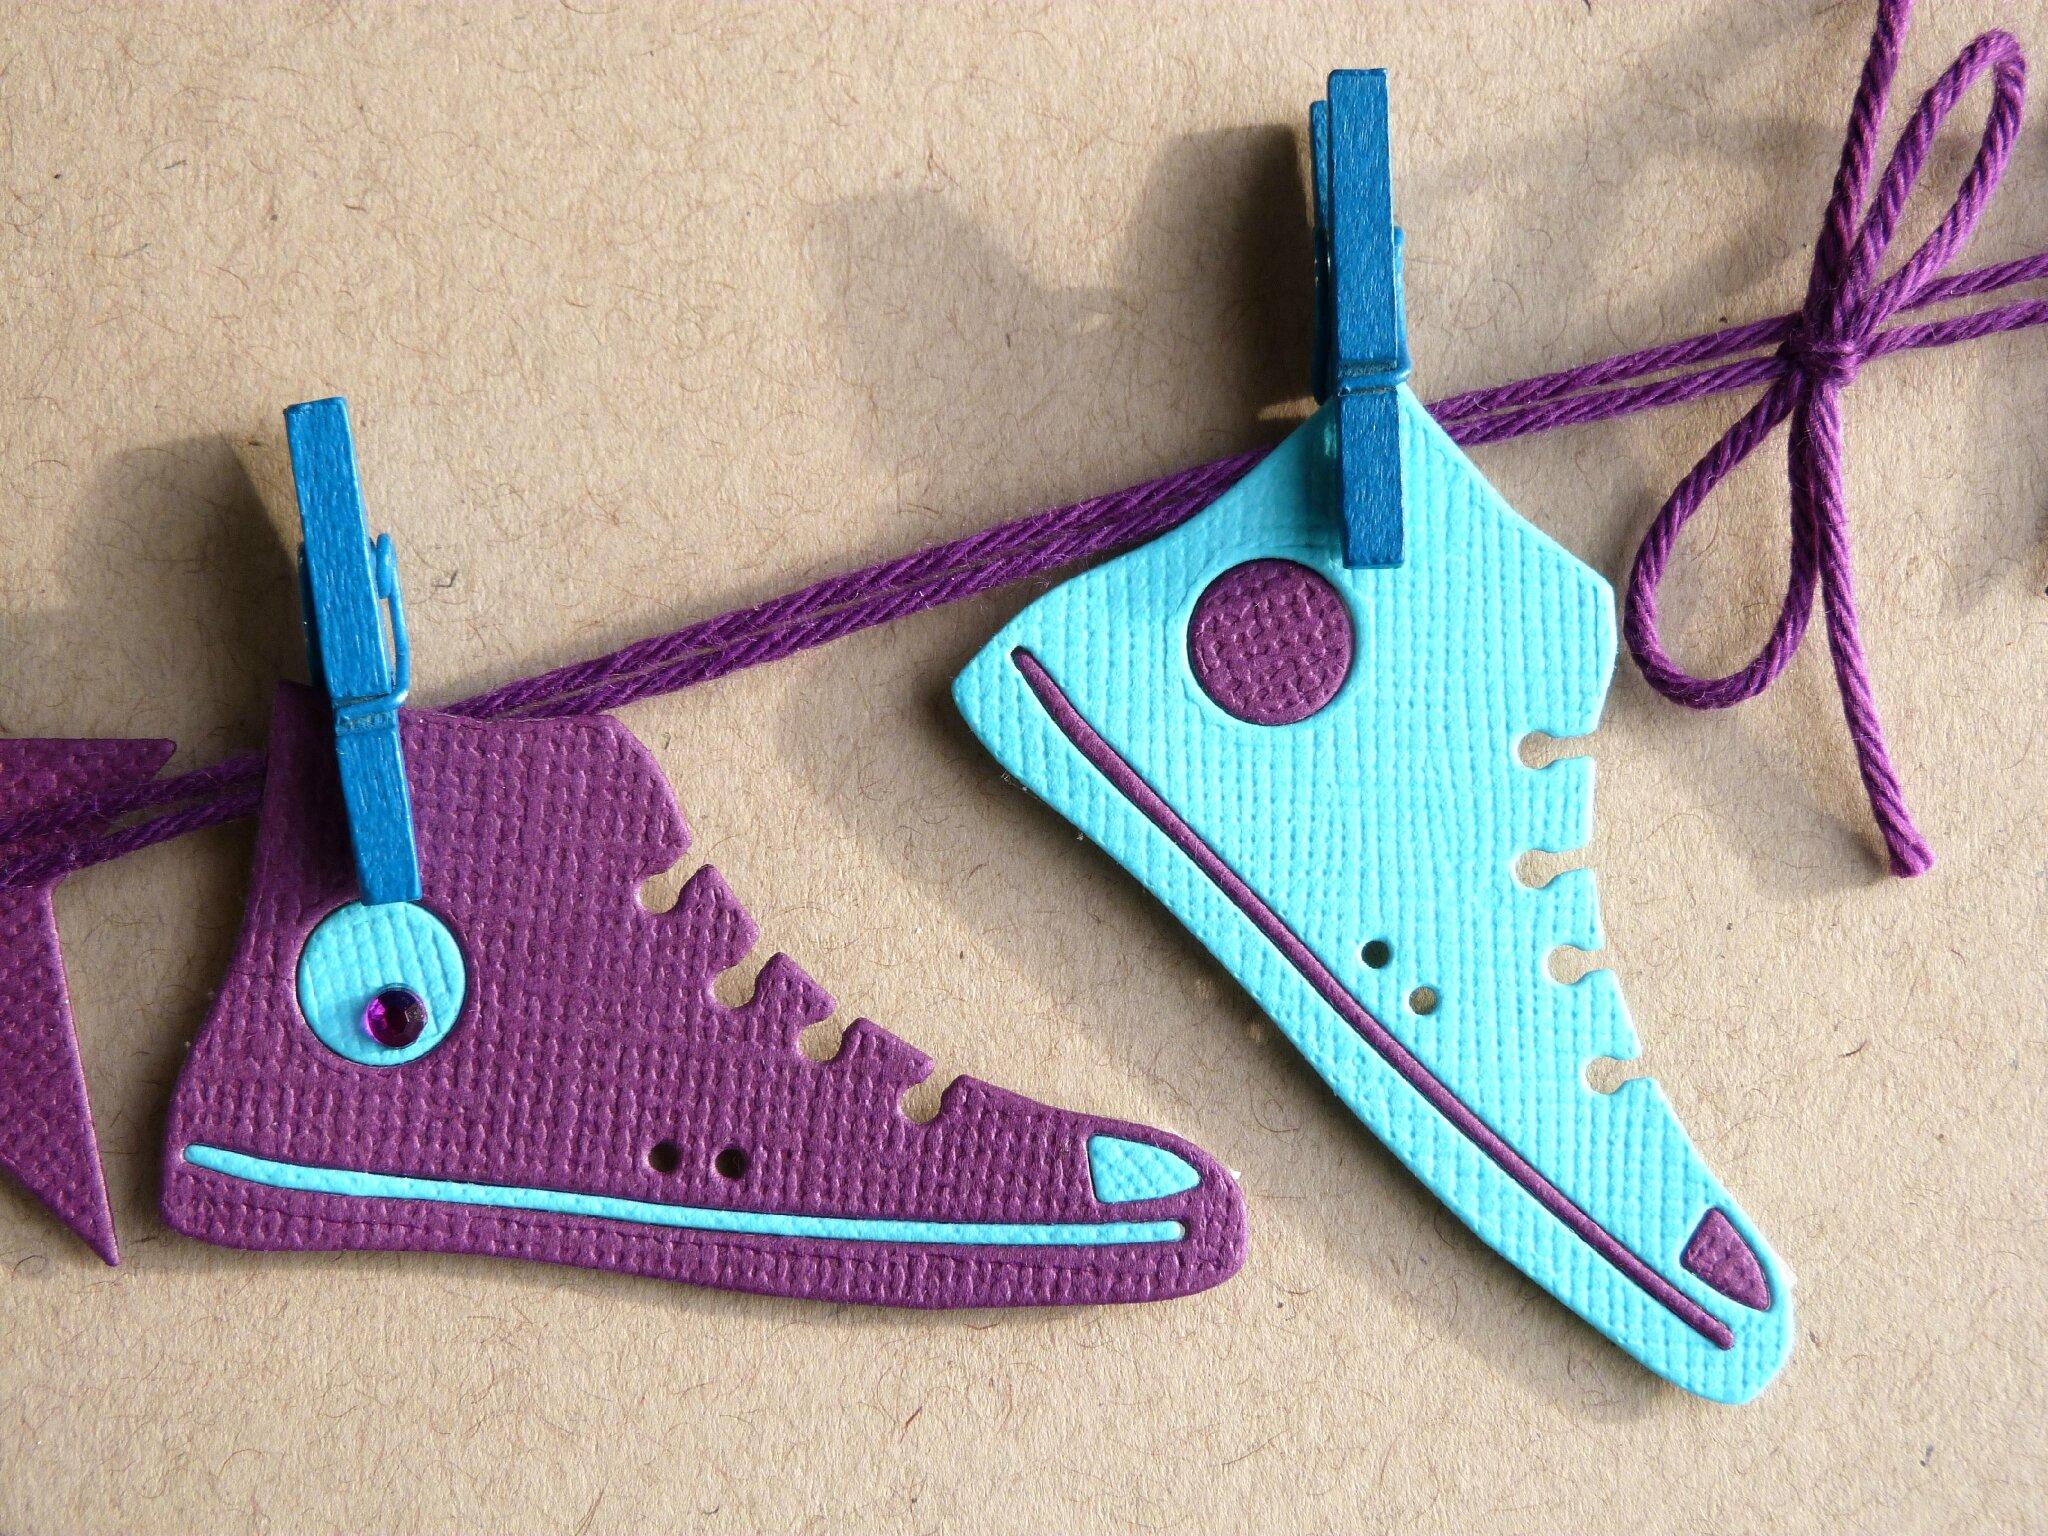 carte d anniversaire en kraft avec baskets violette et turquoise suspendue comme une carte 224